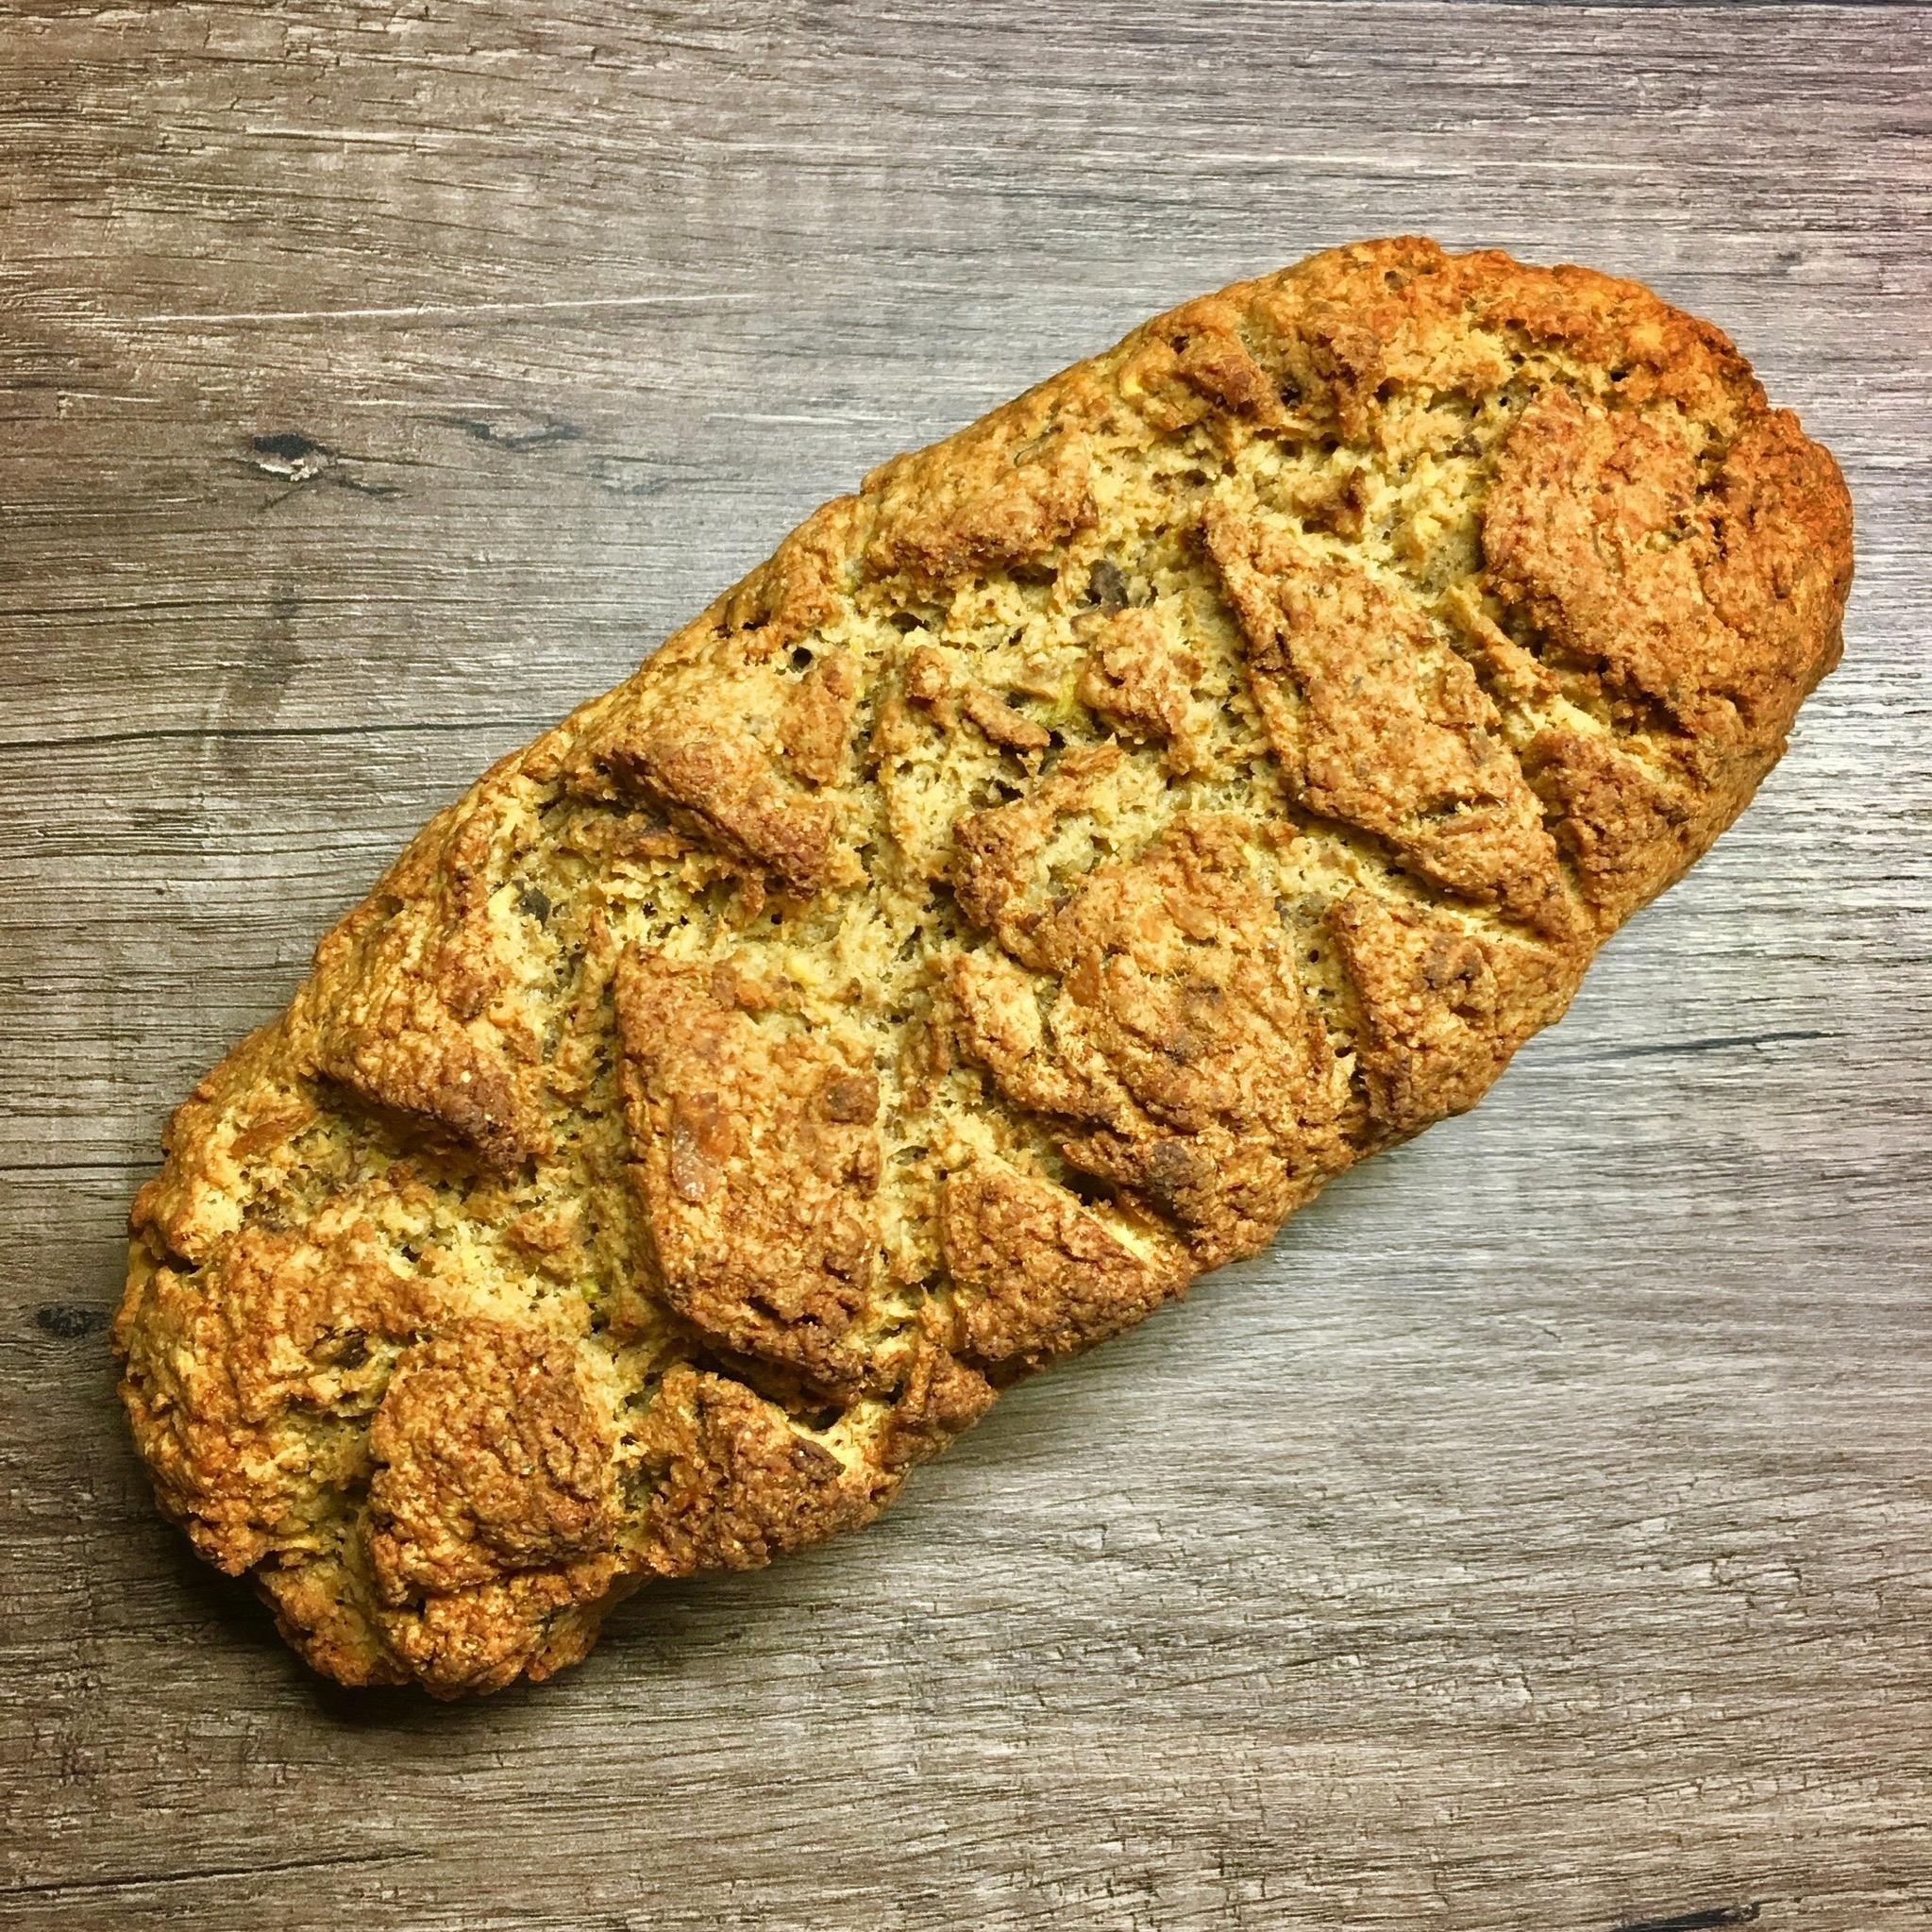 AIP Brot. Viele Autoimmunerkrankte vermissen Brot während der Durchführung des Autoimmunprotokolls und in der Paleo-Ernährung. Tatsächlich muss man nicht gänzlich auf diesen Genuss verzichten! Es gibt vollkommen getreidefreie Varianten, so wie unser knuspriges AIP Brot. Guten Appetit!